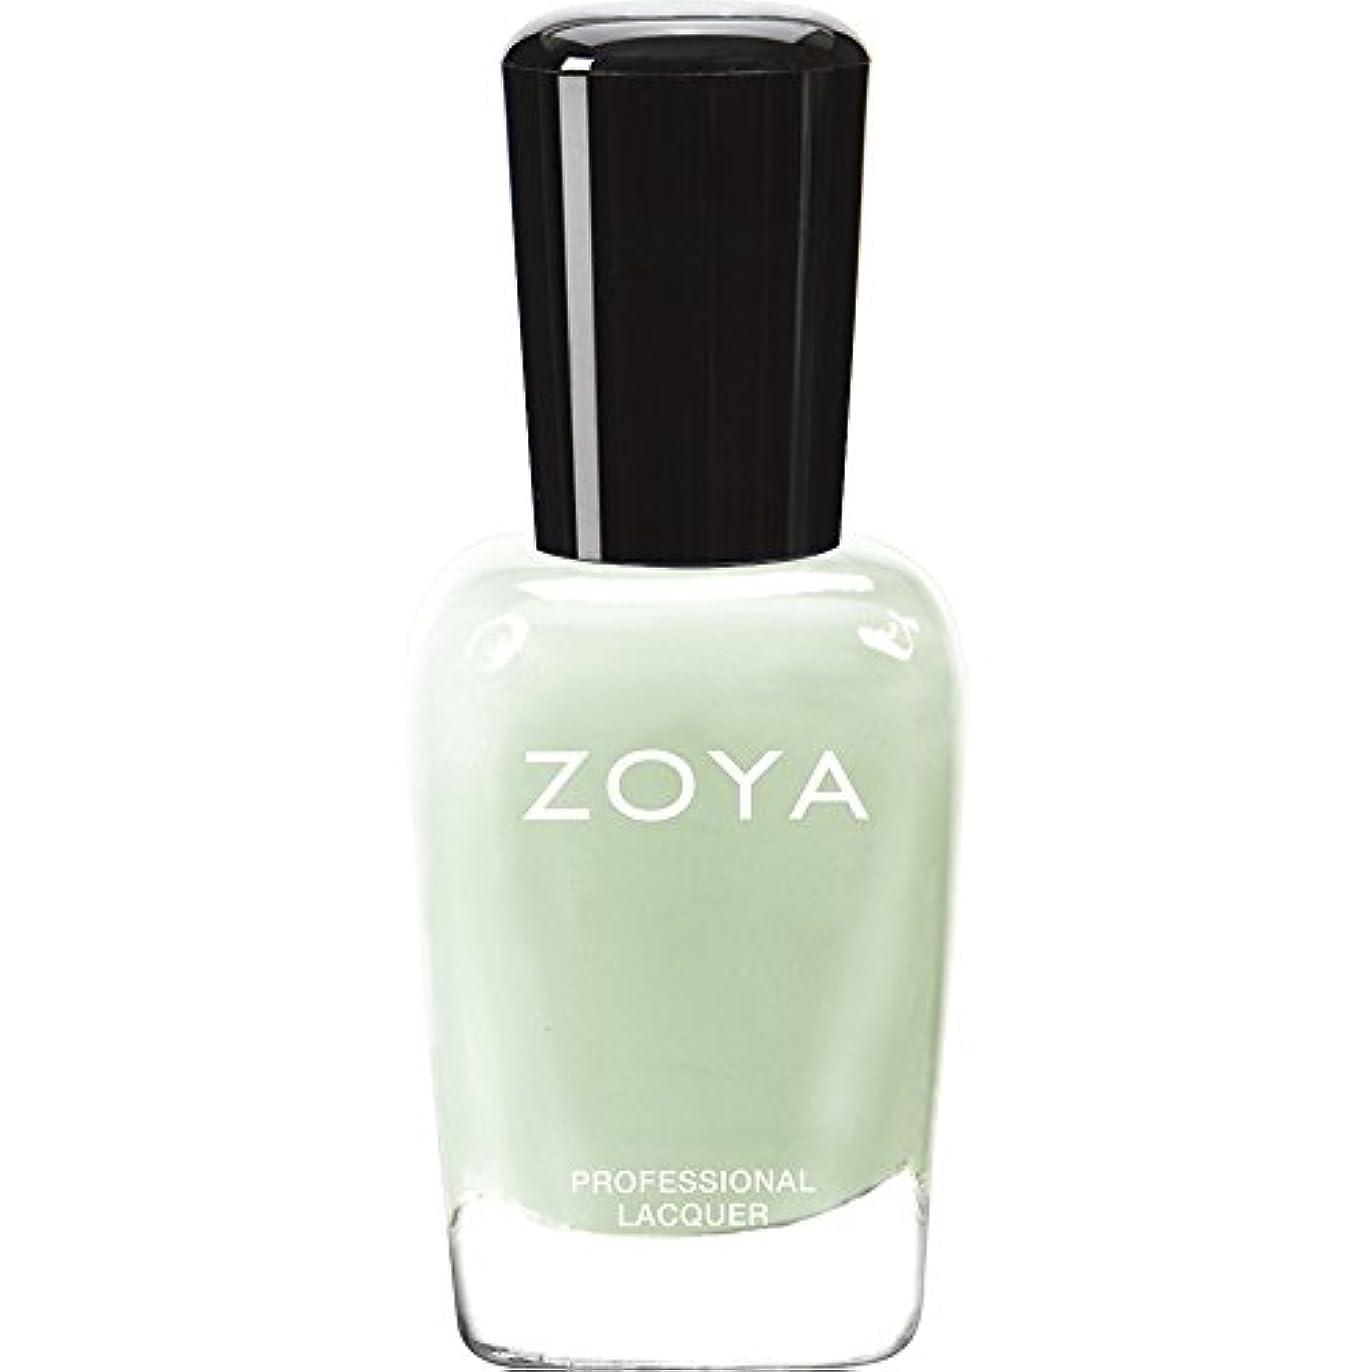 ZOYA ゾーヤ ネイルカラー ZP655 NEELY ニーリィ 15ml  2012 LOVELY COLLECTION 淡いパステルグリーン マット 爪にやさしいネイルラッカーマニキュア